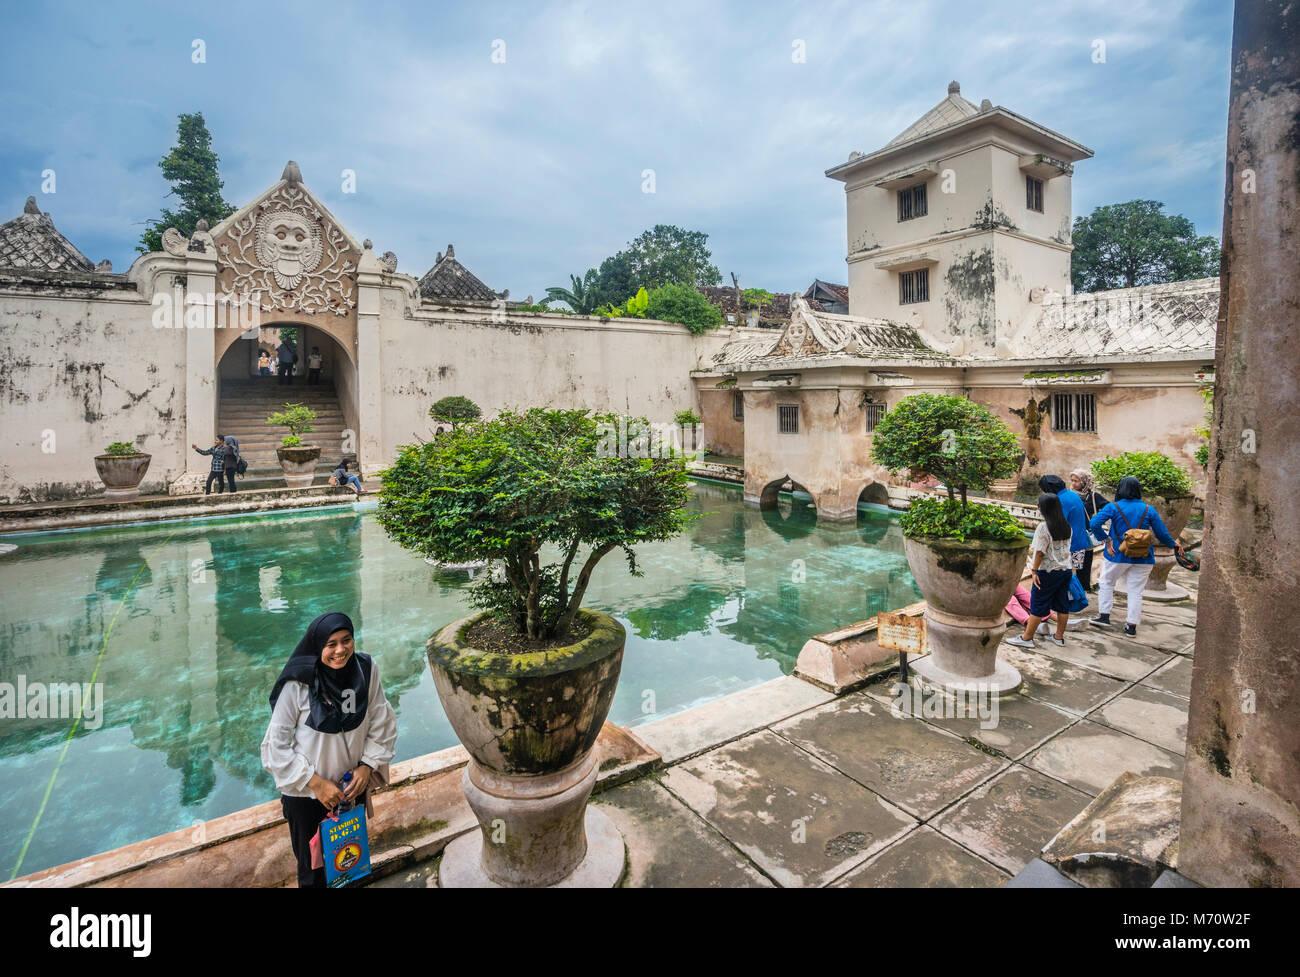 Umbul Pasiraman complesso balneare con torre da dove il sultano osservato le donne di balneazione presso il Taman Immagini Stock